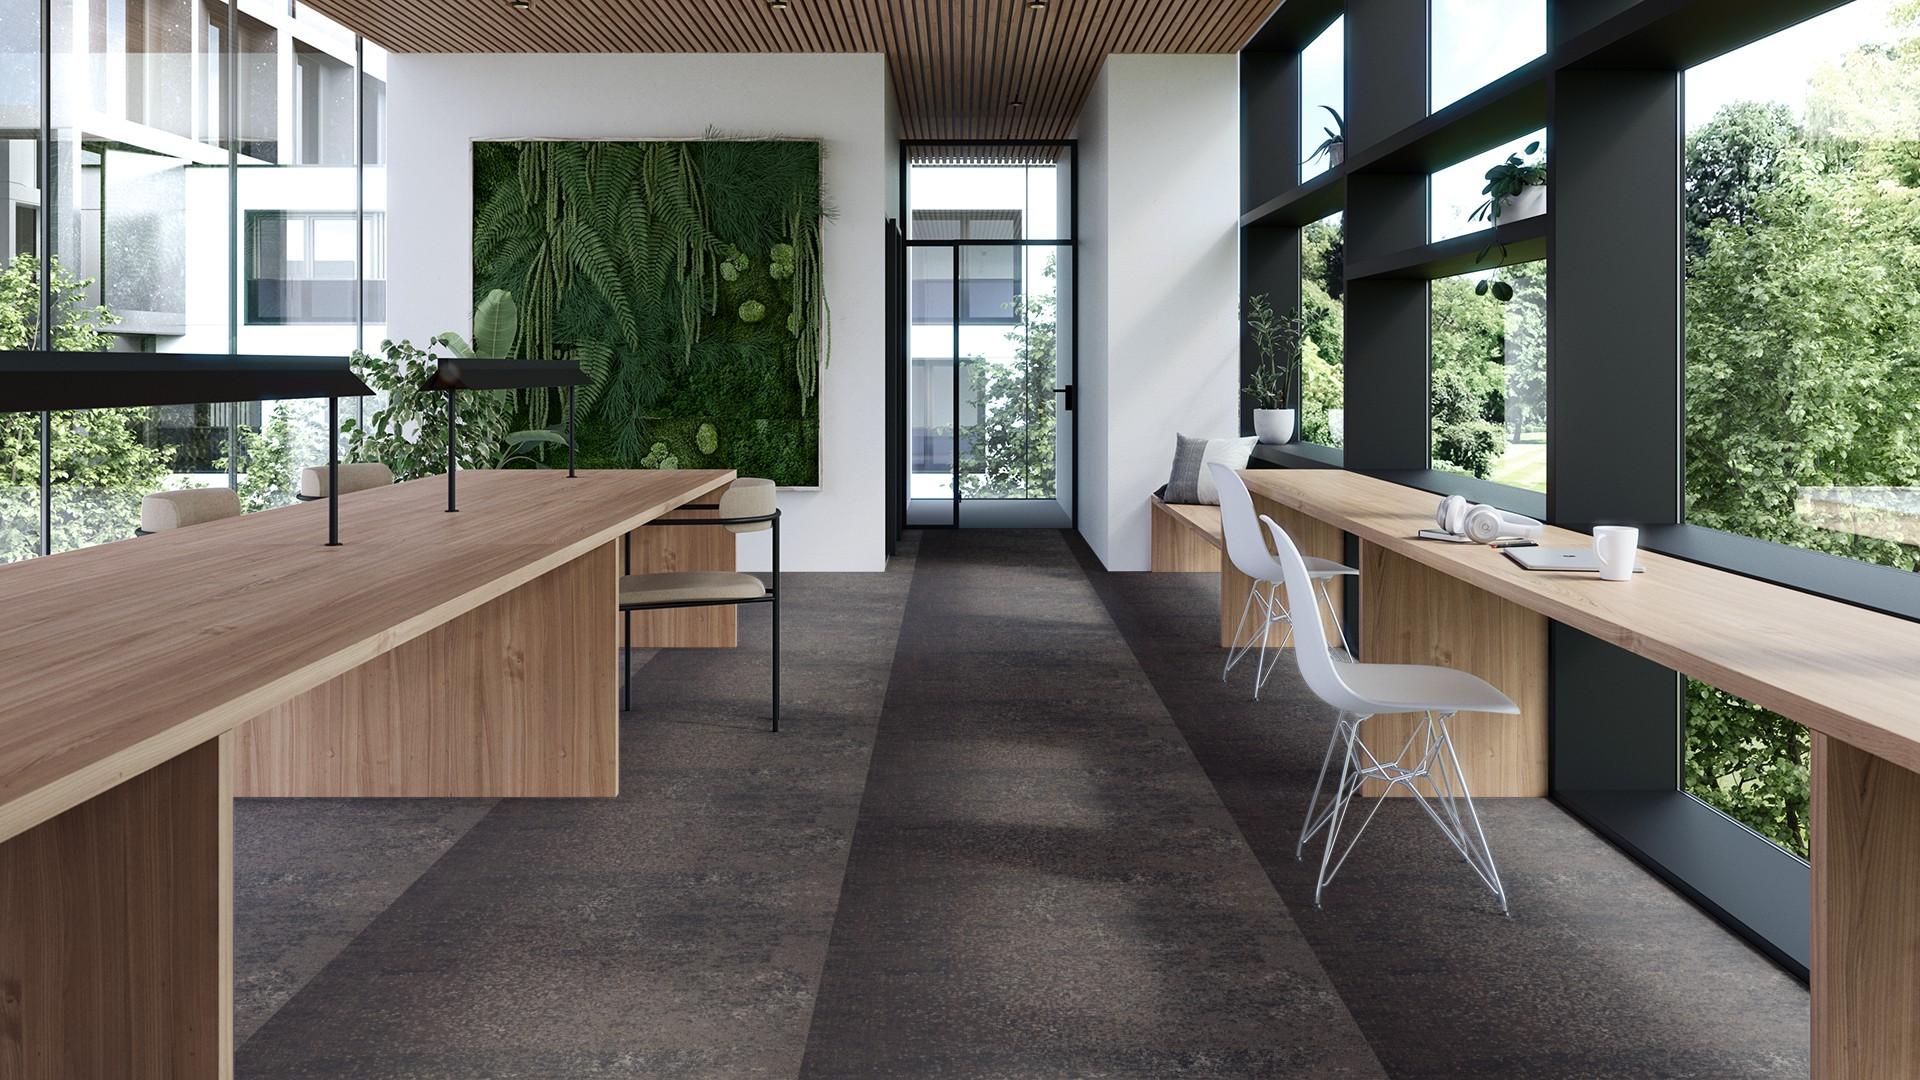 ReForm Construction Concrete Mix light brown/brown 96x96 RoowView 4